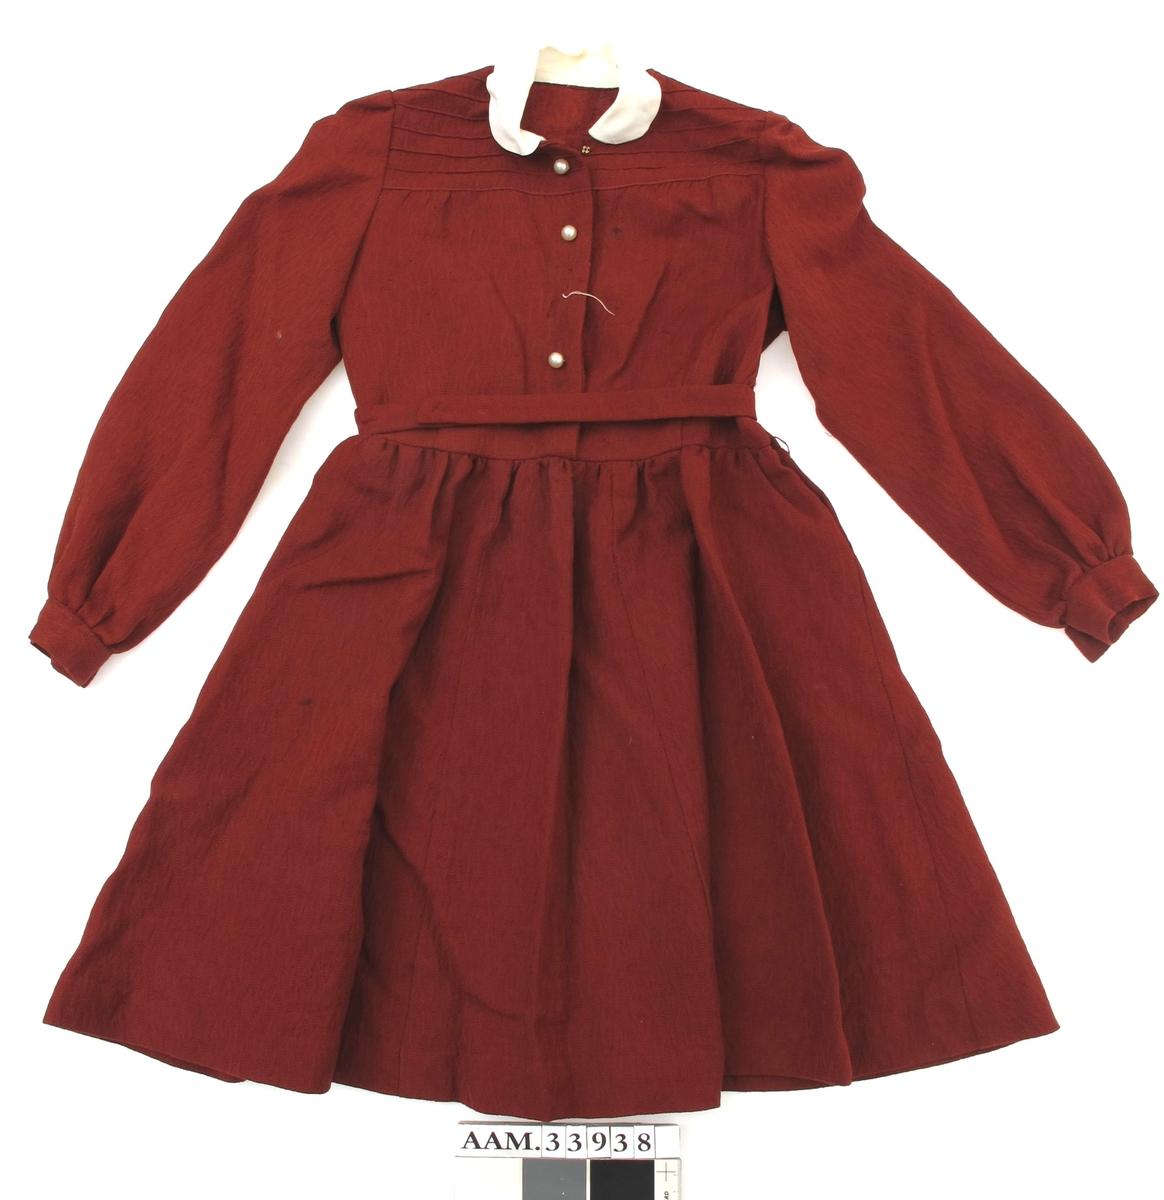 Barnekjole med lange ermer av rødt bomullstoff. Hvit krave. Knepping med trykknapper foran. Hvite pynteknapper. Belte med trykknapper.